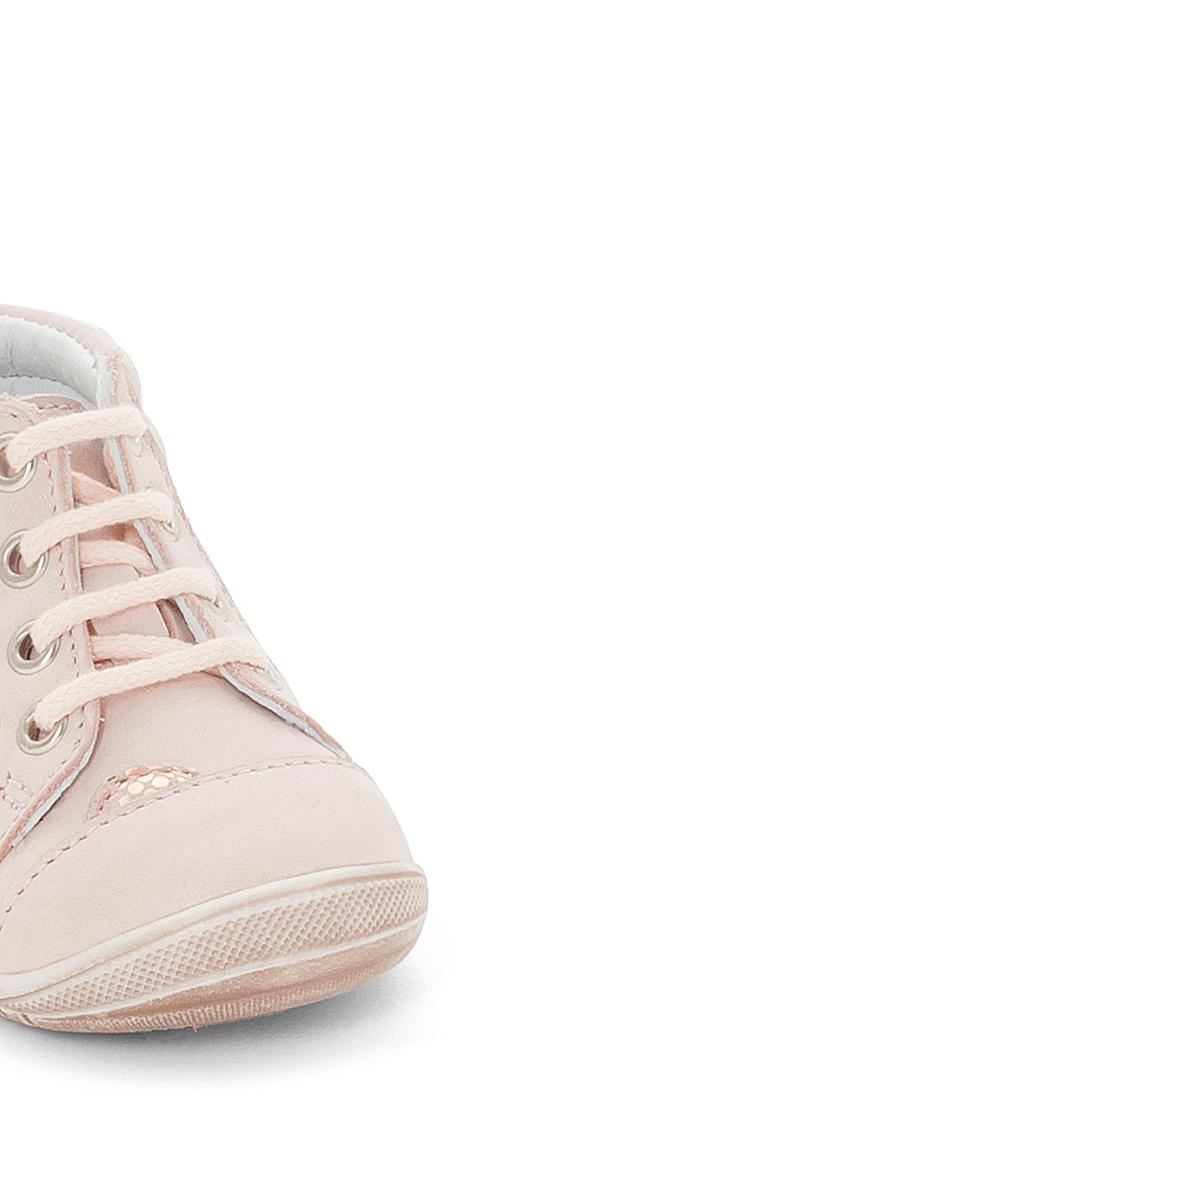 Ботильоны кожаные PrimroseВерх : кожа (яловичная)    Подкладка : кожа   Стелька : кожа   Подошва : эластомер   Застежка : планка-велкро<br><br>Цвет: светло-розовый